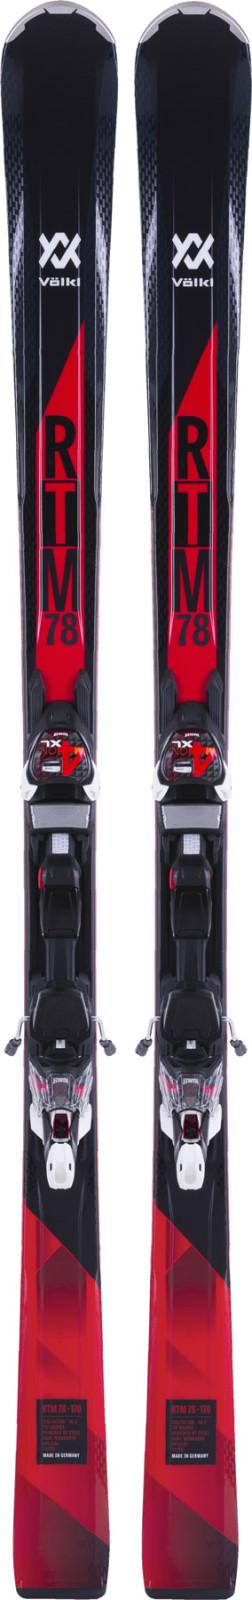 Völkl RTM 78 + 4Motion XL 12.0 TCX